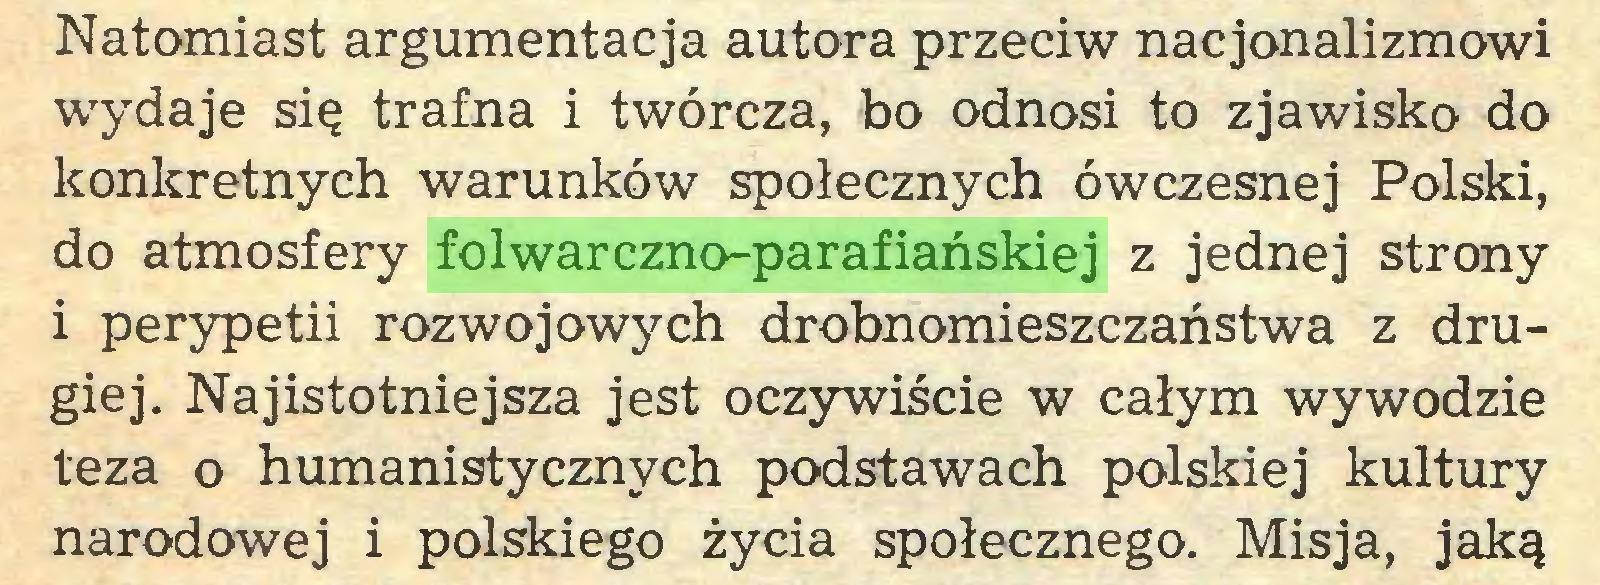 (...) Natomiast argumentacja autora przeciw nacjonalizmowi wydaje się trafna i twórcza, bo odnosi to zjawisko do konkretnych warunków społecznych ówczesnej Polski, do atmosfery folwarczno-parafiańskiej z jednej strony 1 perypetii rozwojowych drobnomieszczaństwa z drugiej. Najistotniejsza jest oczywiście w całym wywodzie teza o humanistycznych podstawach polskiej kultury narodowej i polskiego życia społecznego. Misja, jaką...